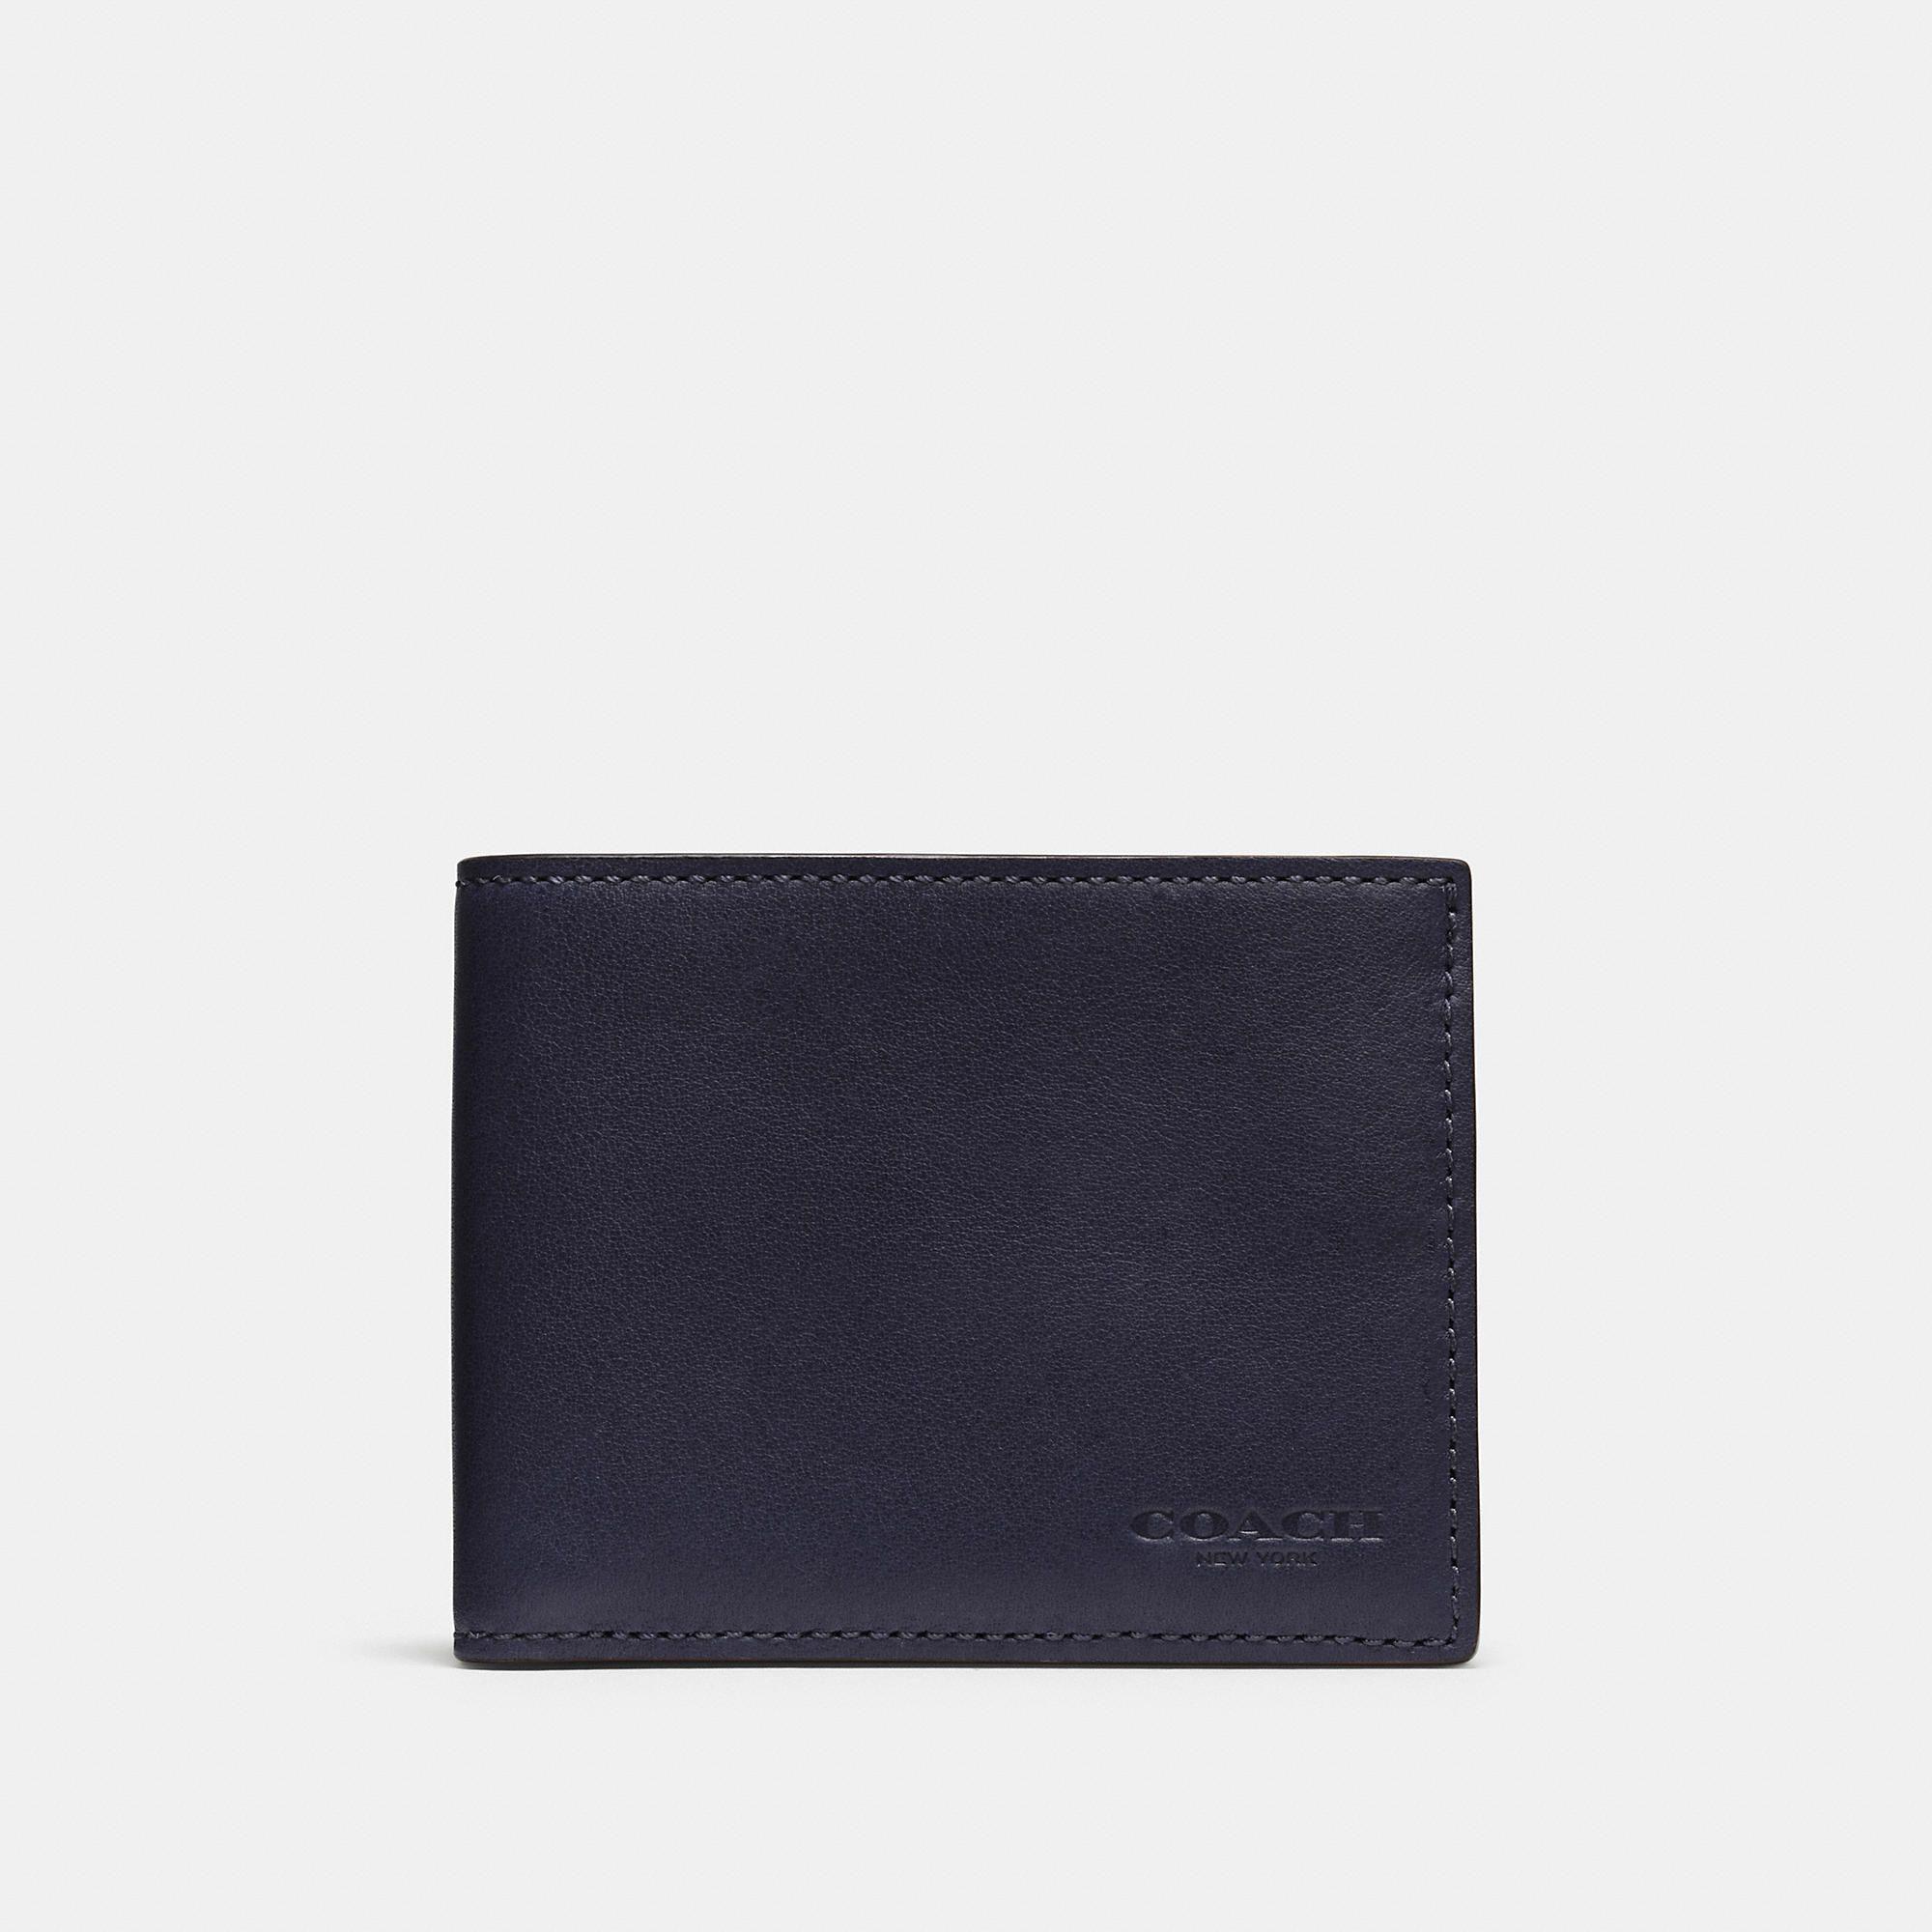 02e285c0f5 Coach Slim Billfold Id Wallet | Products | Id wallet, Wallet, Slim